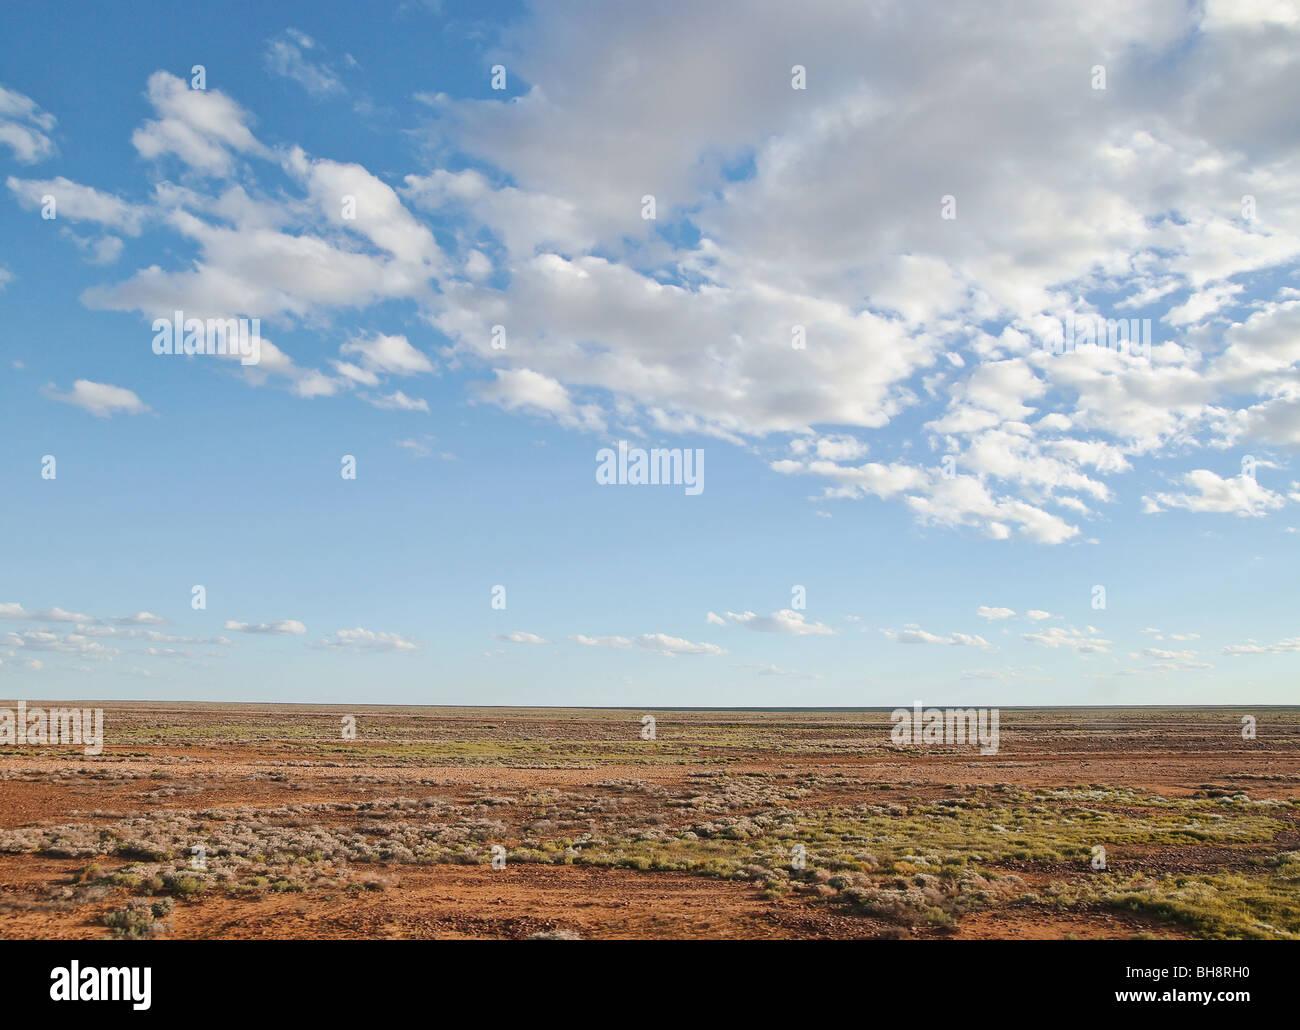 middle of nowhere australian desert near alice springs - Stock Image